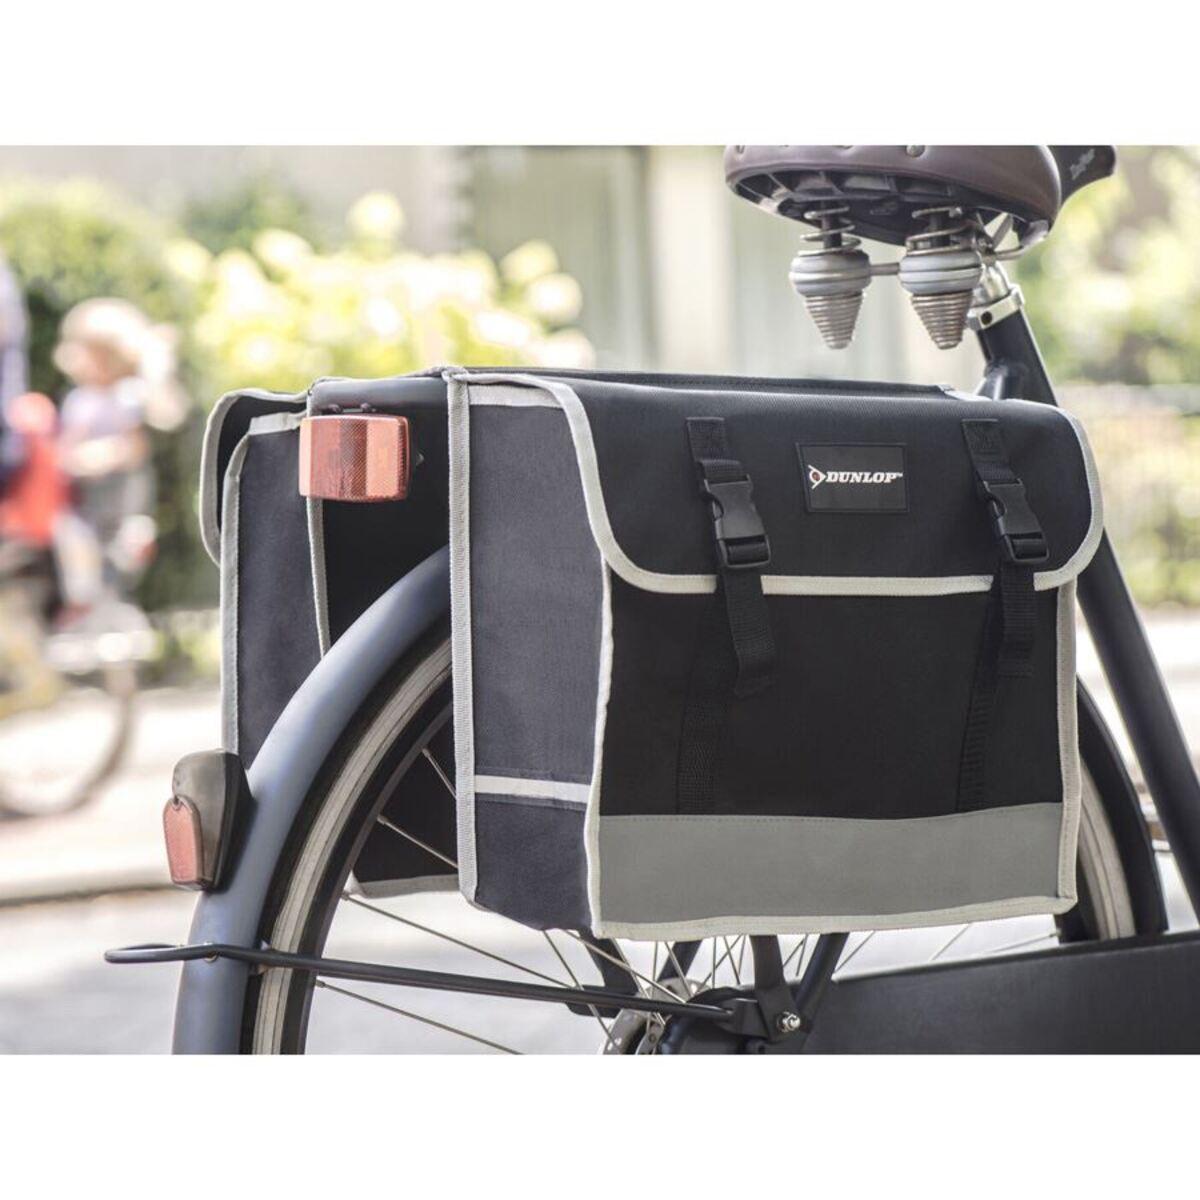 Bild 2 von Dunlop Fahrrad-Doppelsatteltasche